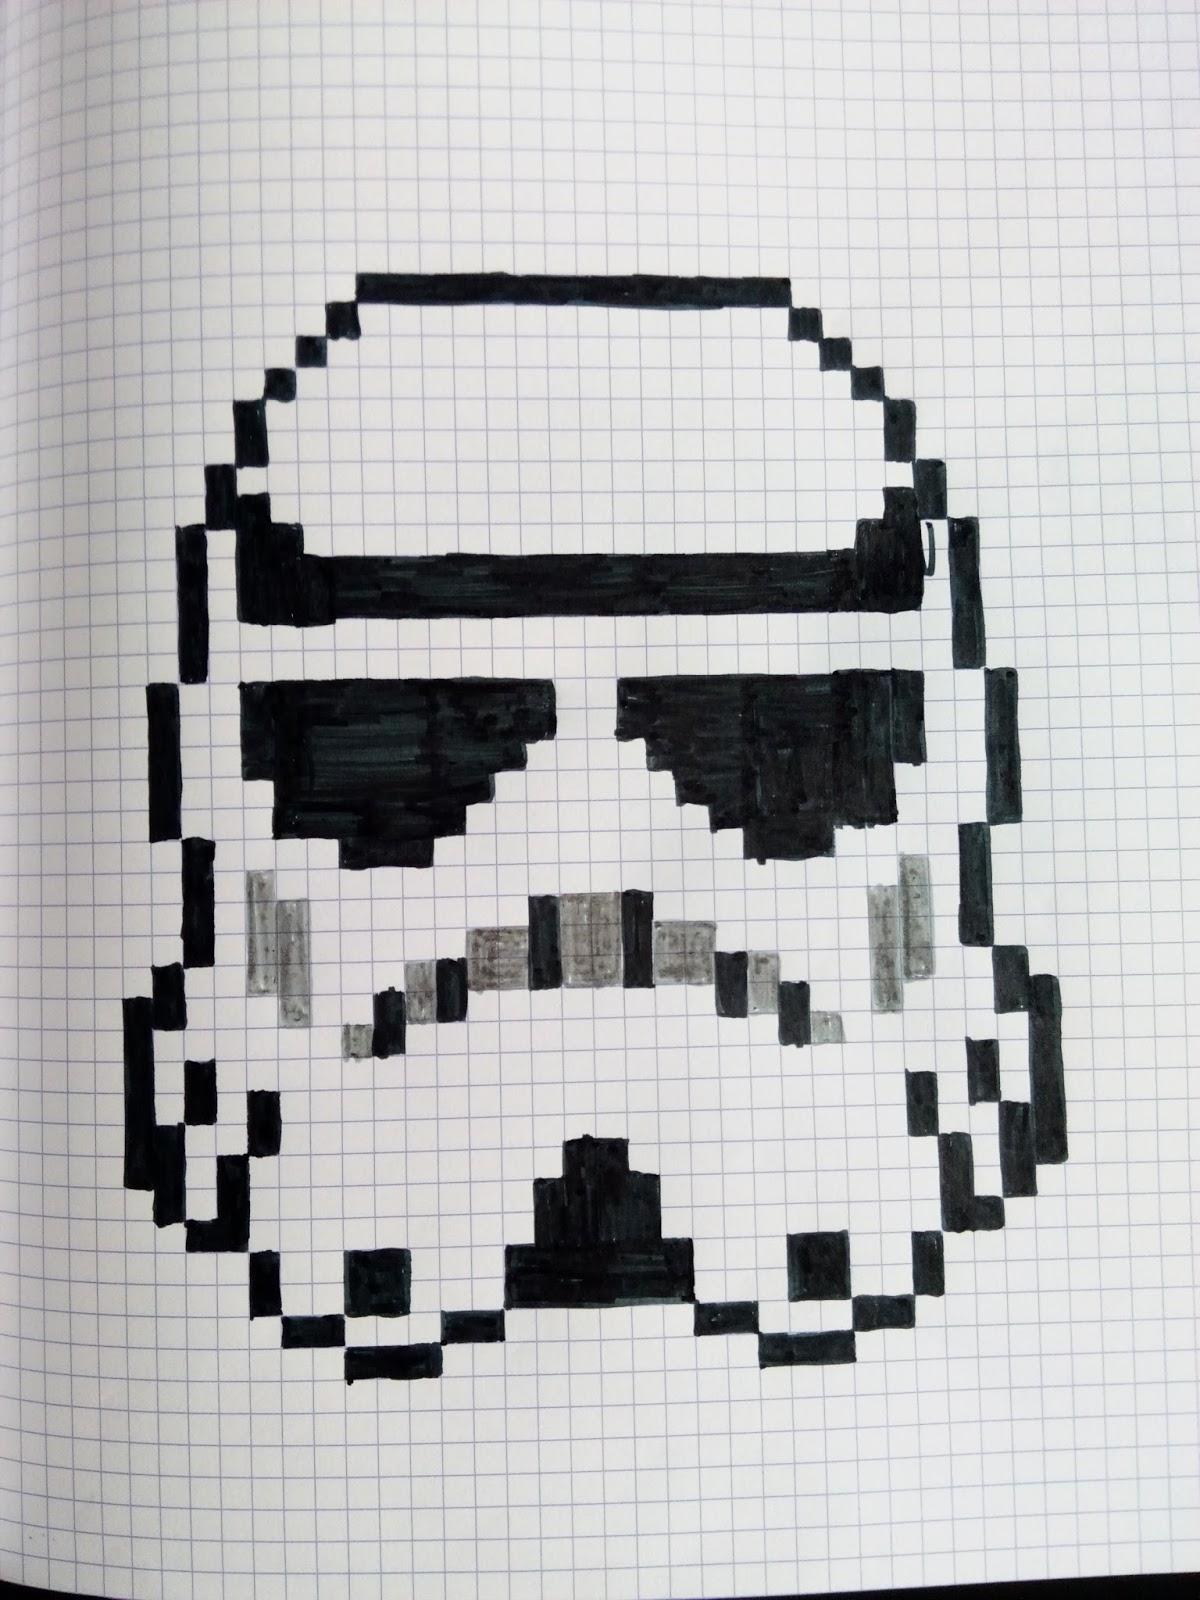 qixels art 73 pixels stormtrooper. Black Bedroom Furniture Sets. Home Design Ideas